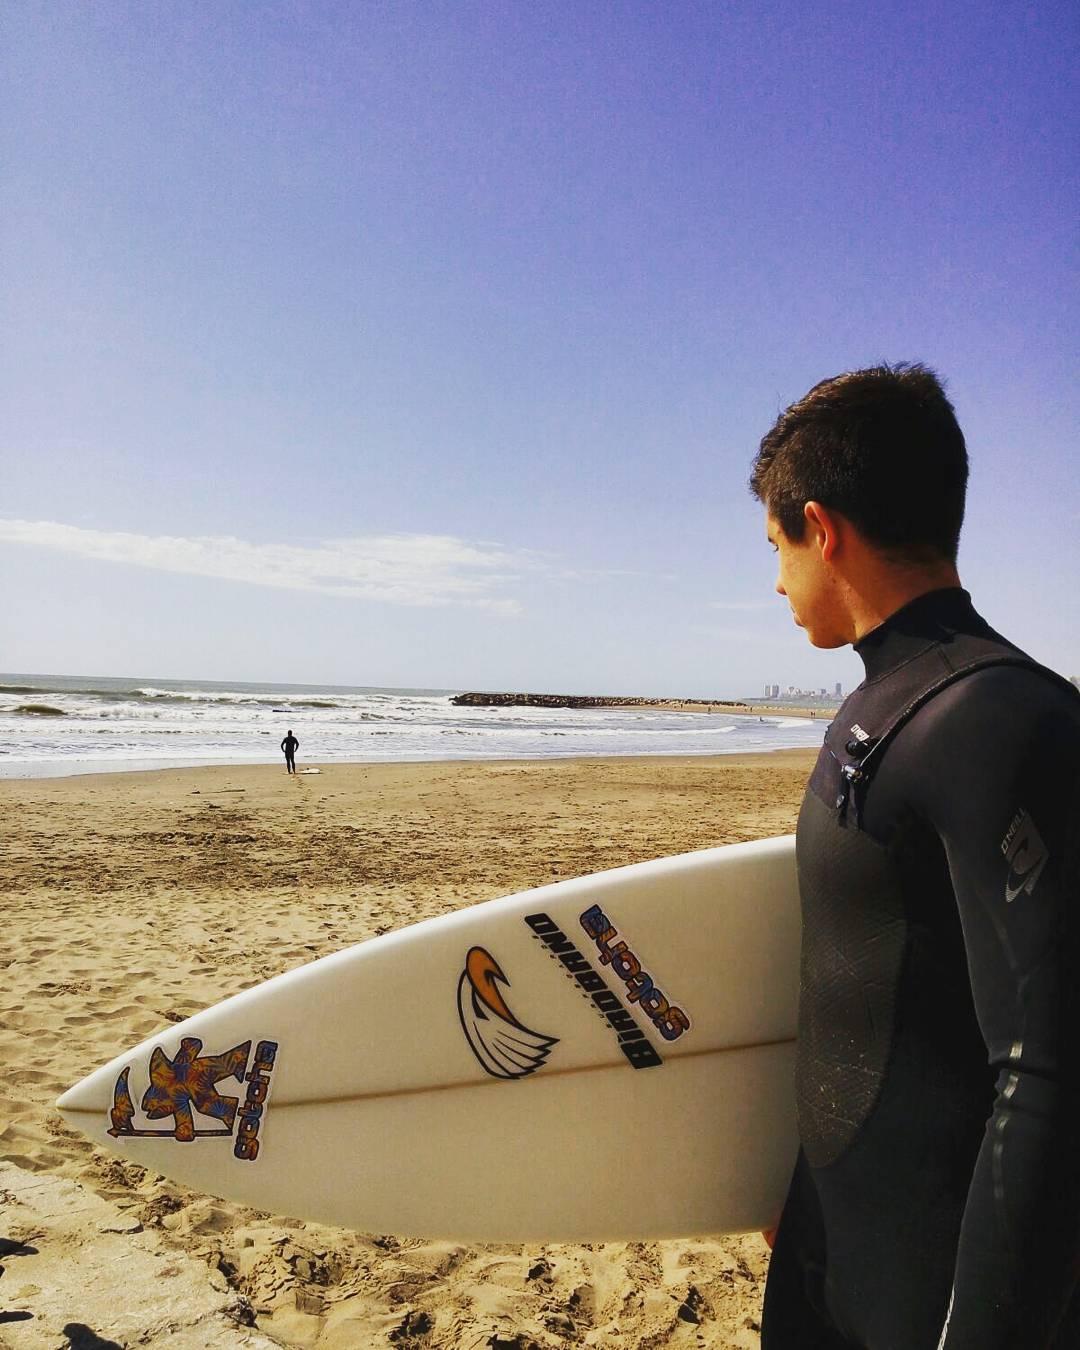 Desde Marpla el local @frannfulton que el fin de semana  disfrutó de mucho surfing enfocado y entrenando para el verano que ya llega! #gotcha #iconsneverdie